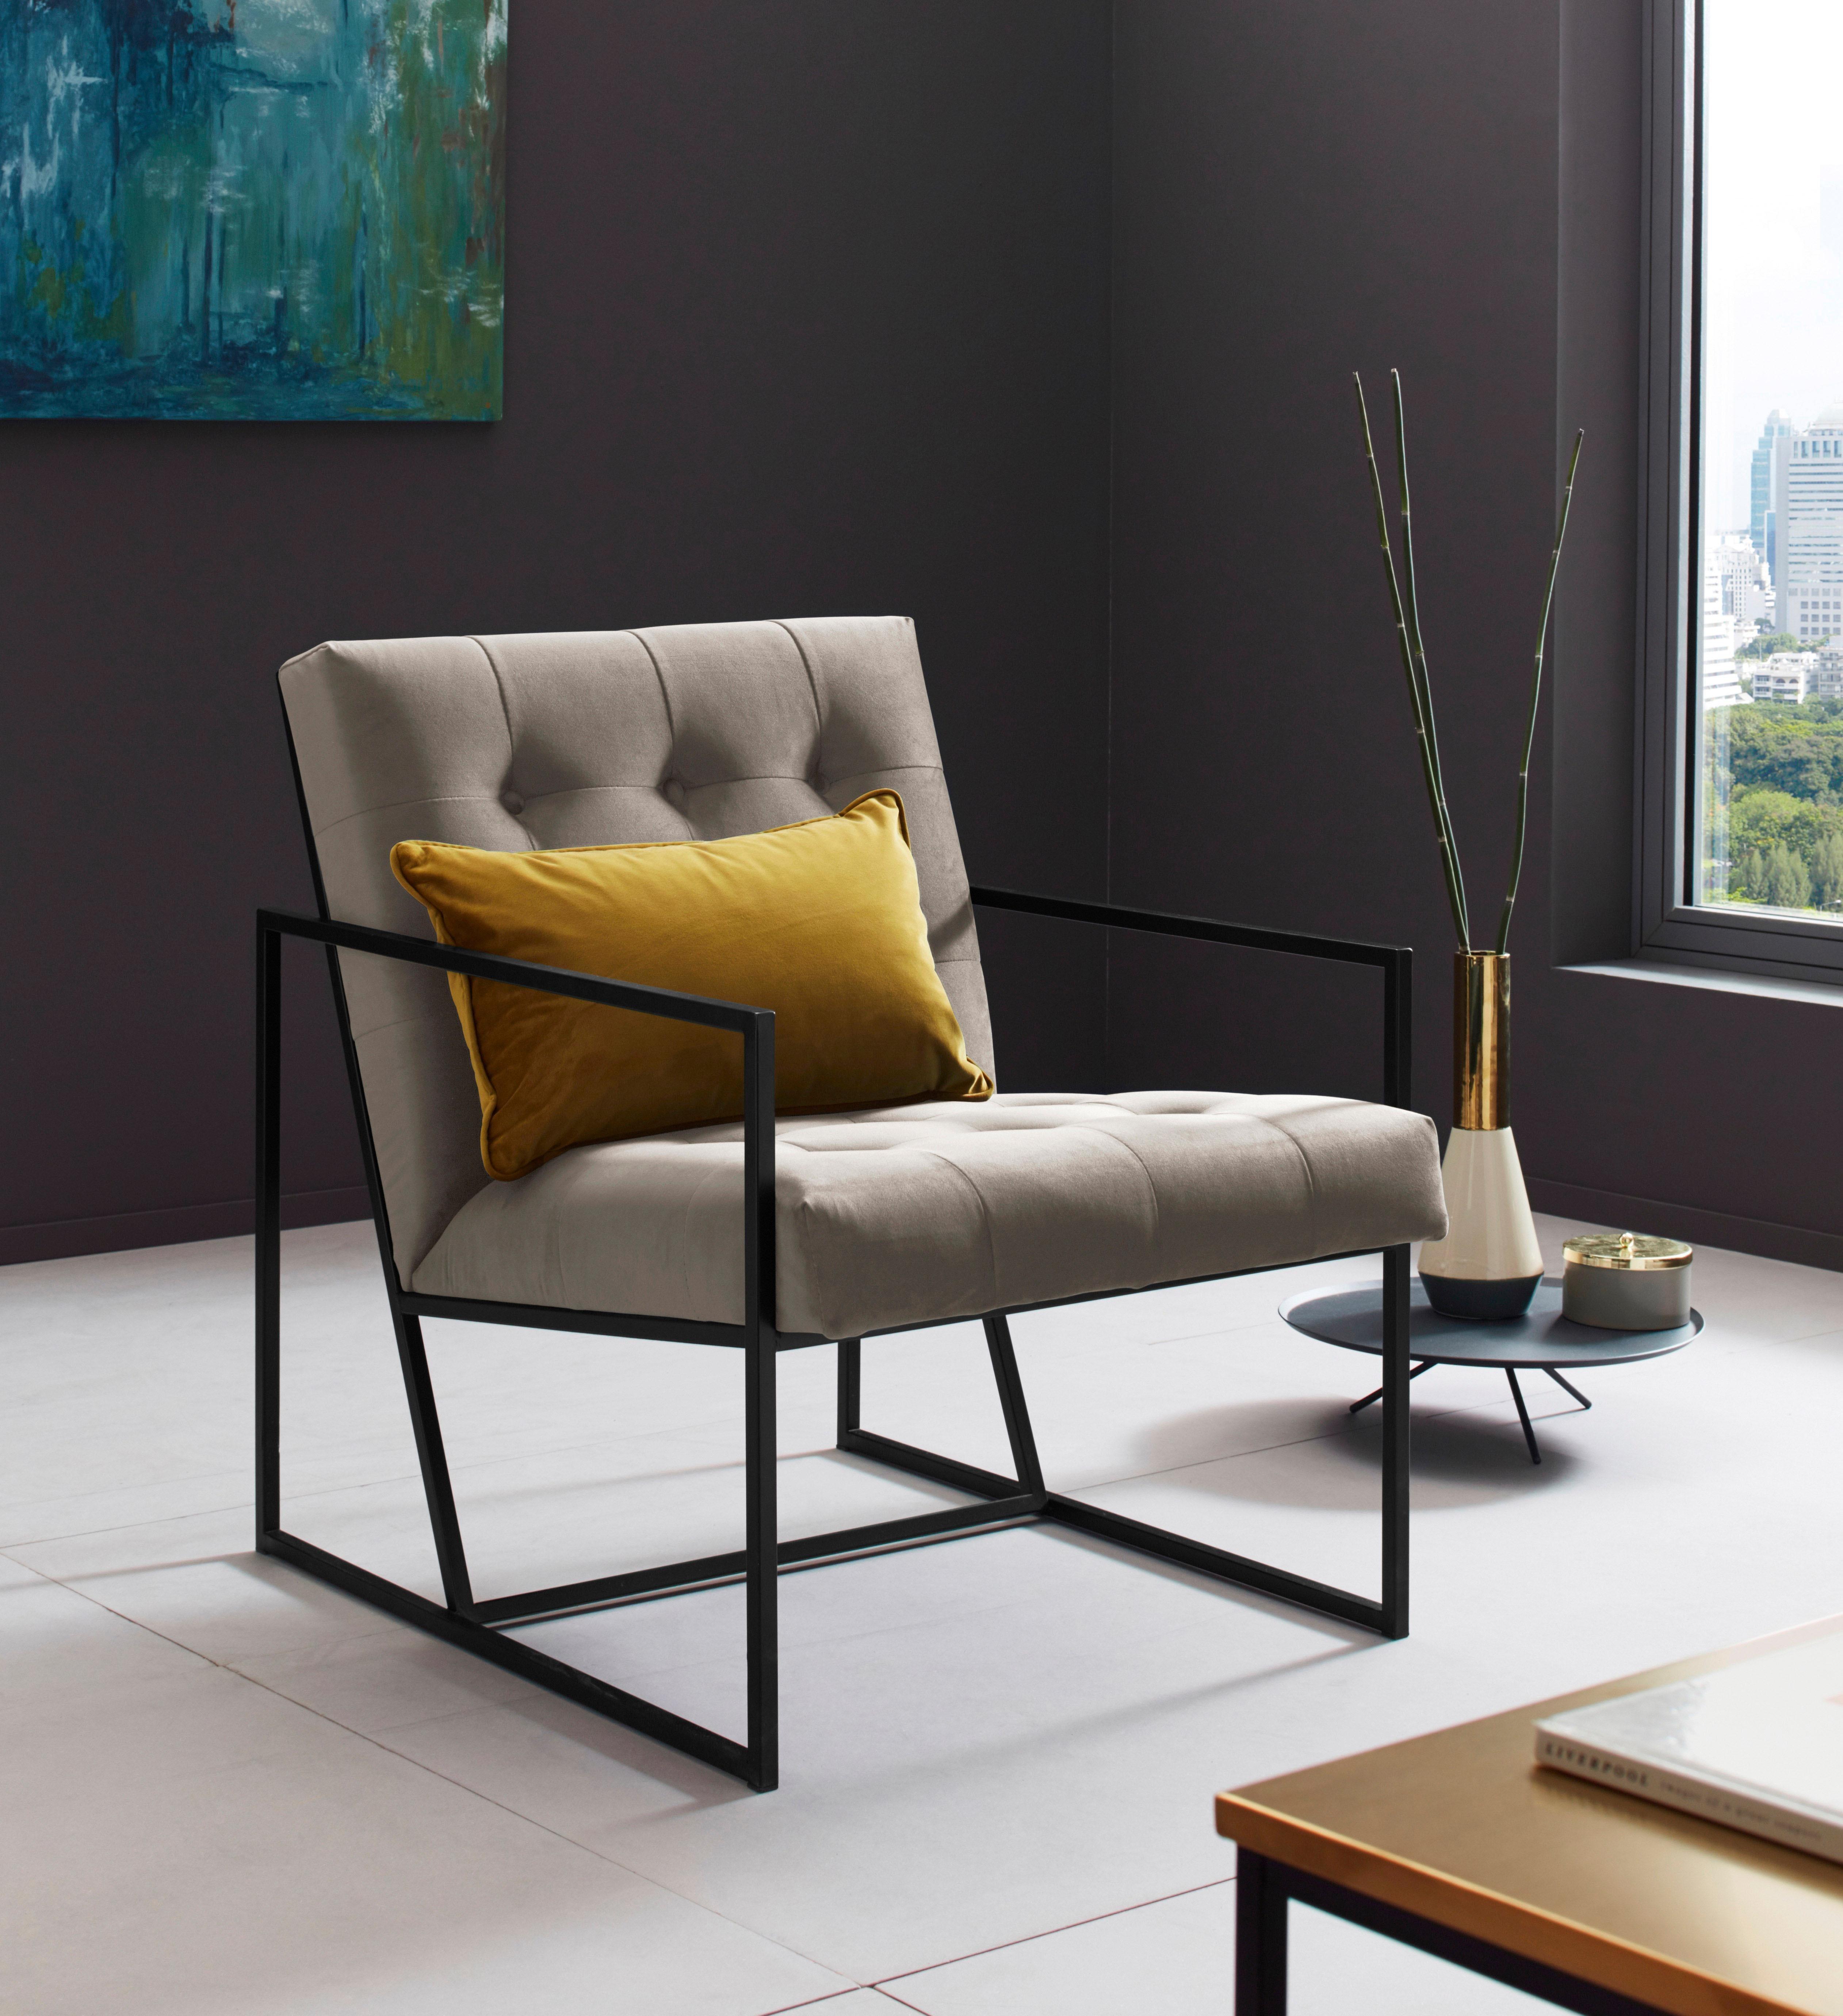 sessel lounge preisvergleich die besten angebote online kaufen. Black Bedroom Furniture Sets. Home Design Ideas